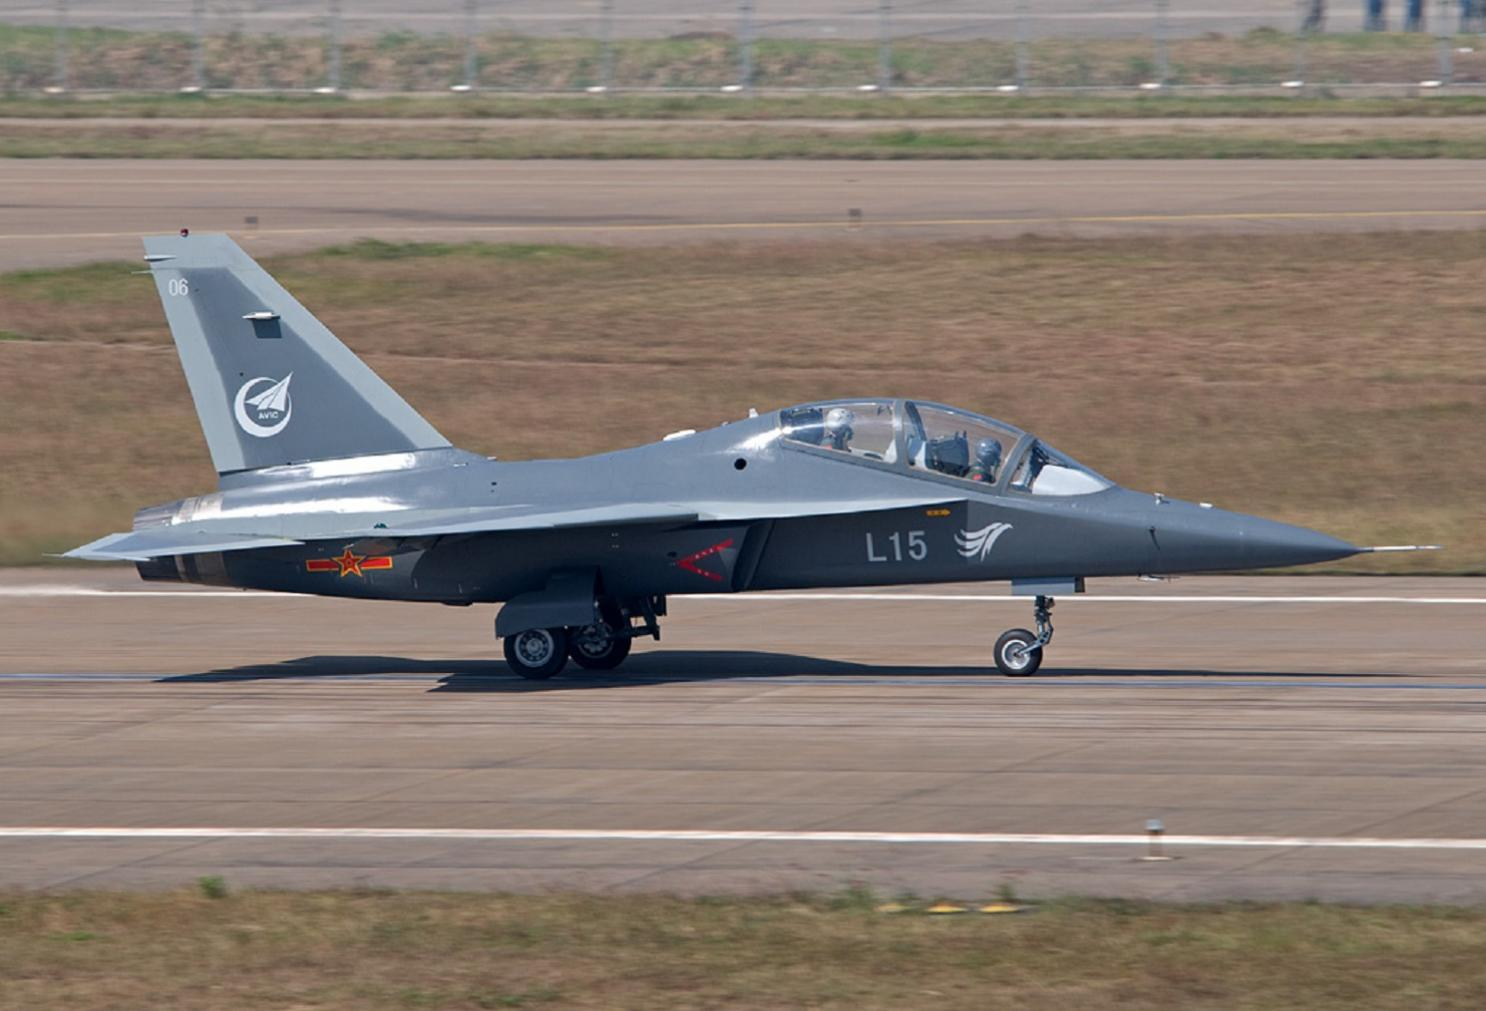 外媒:中国这款战斗机便宜好用 已火遍亚非拉